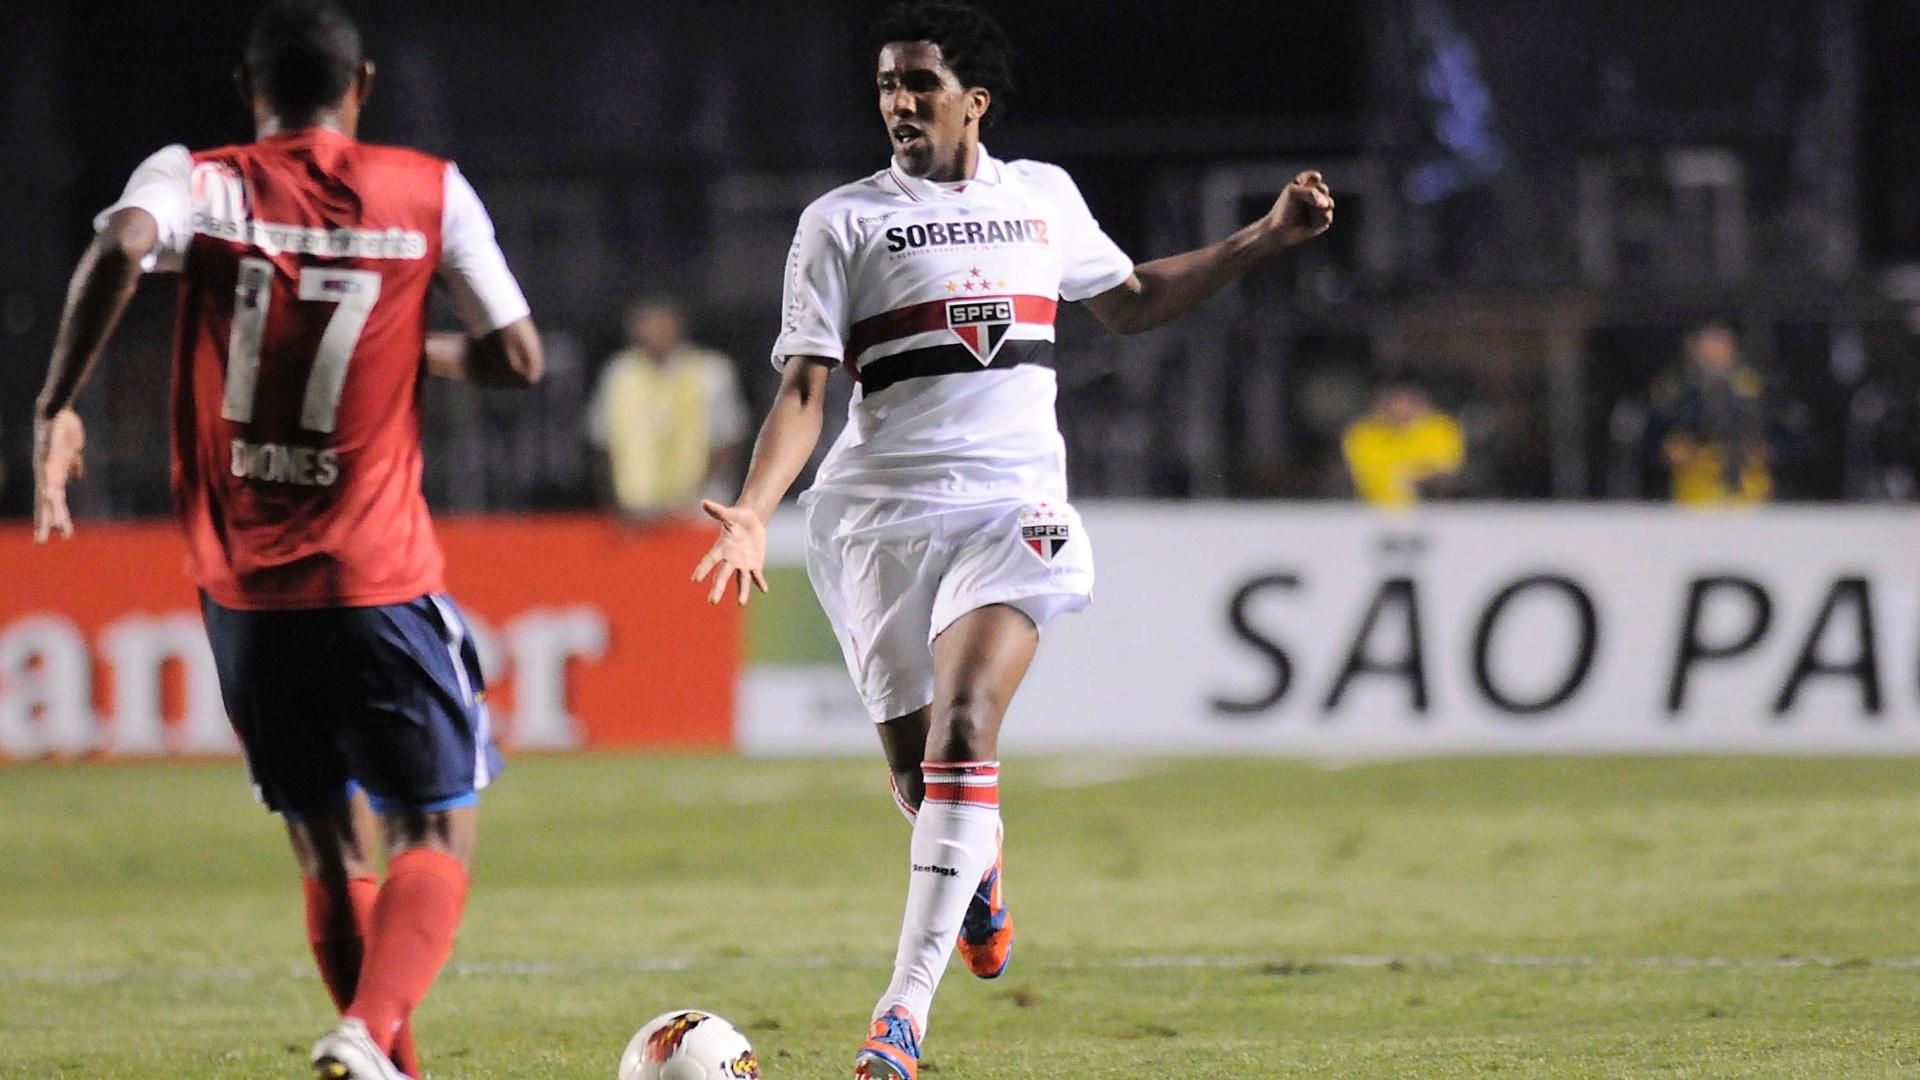 Cortez tenta dominar a bola e levar o São Paulo ao ataque contra o Bahia